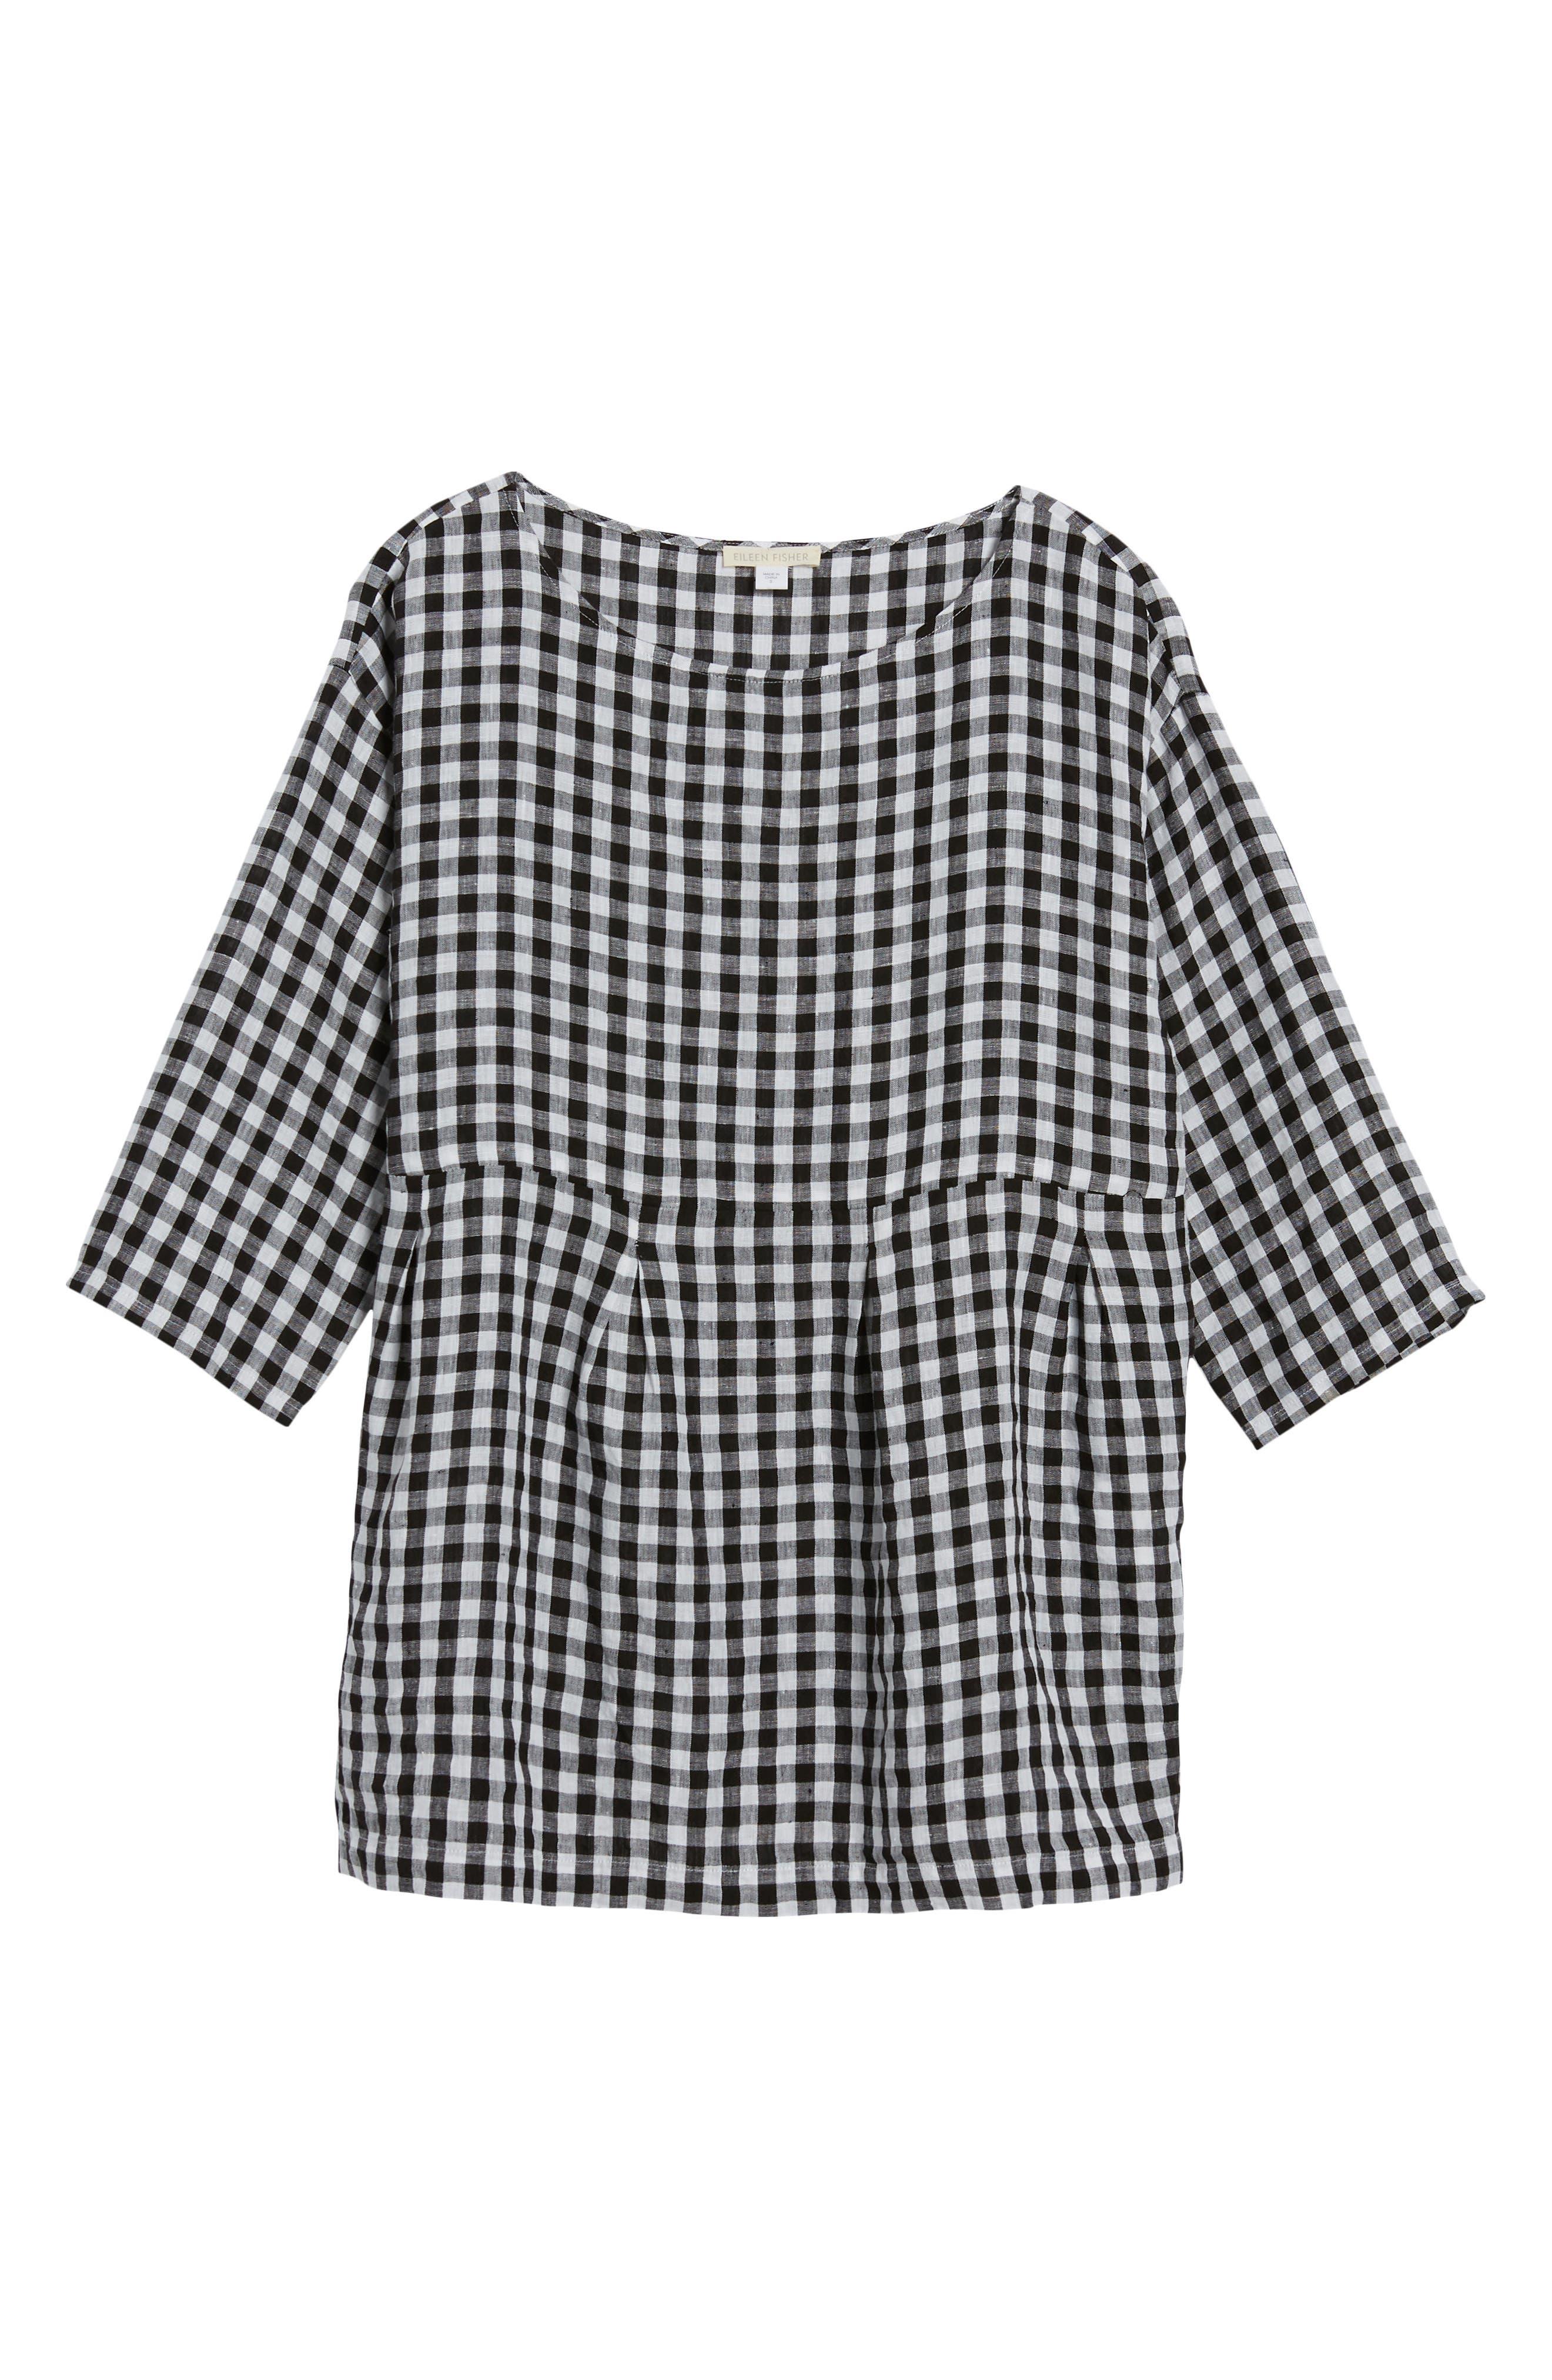 Gingham Organic Linen Top,                             Alternate thumbnail 7, color,                             Black/ White